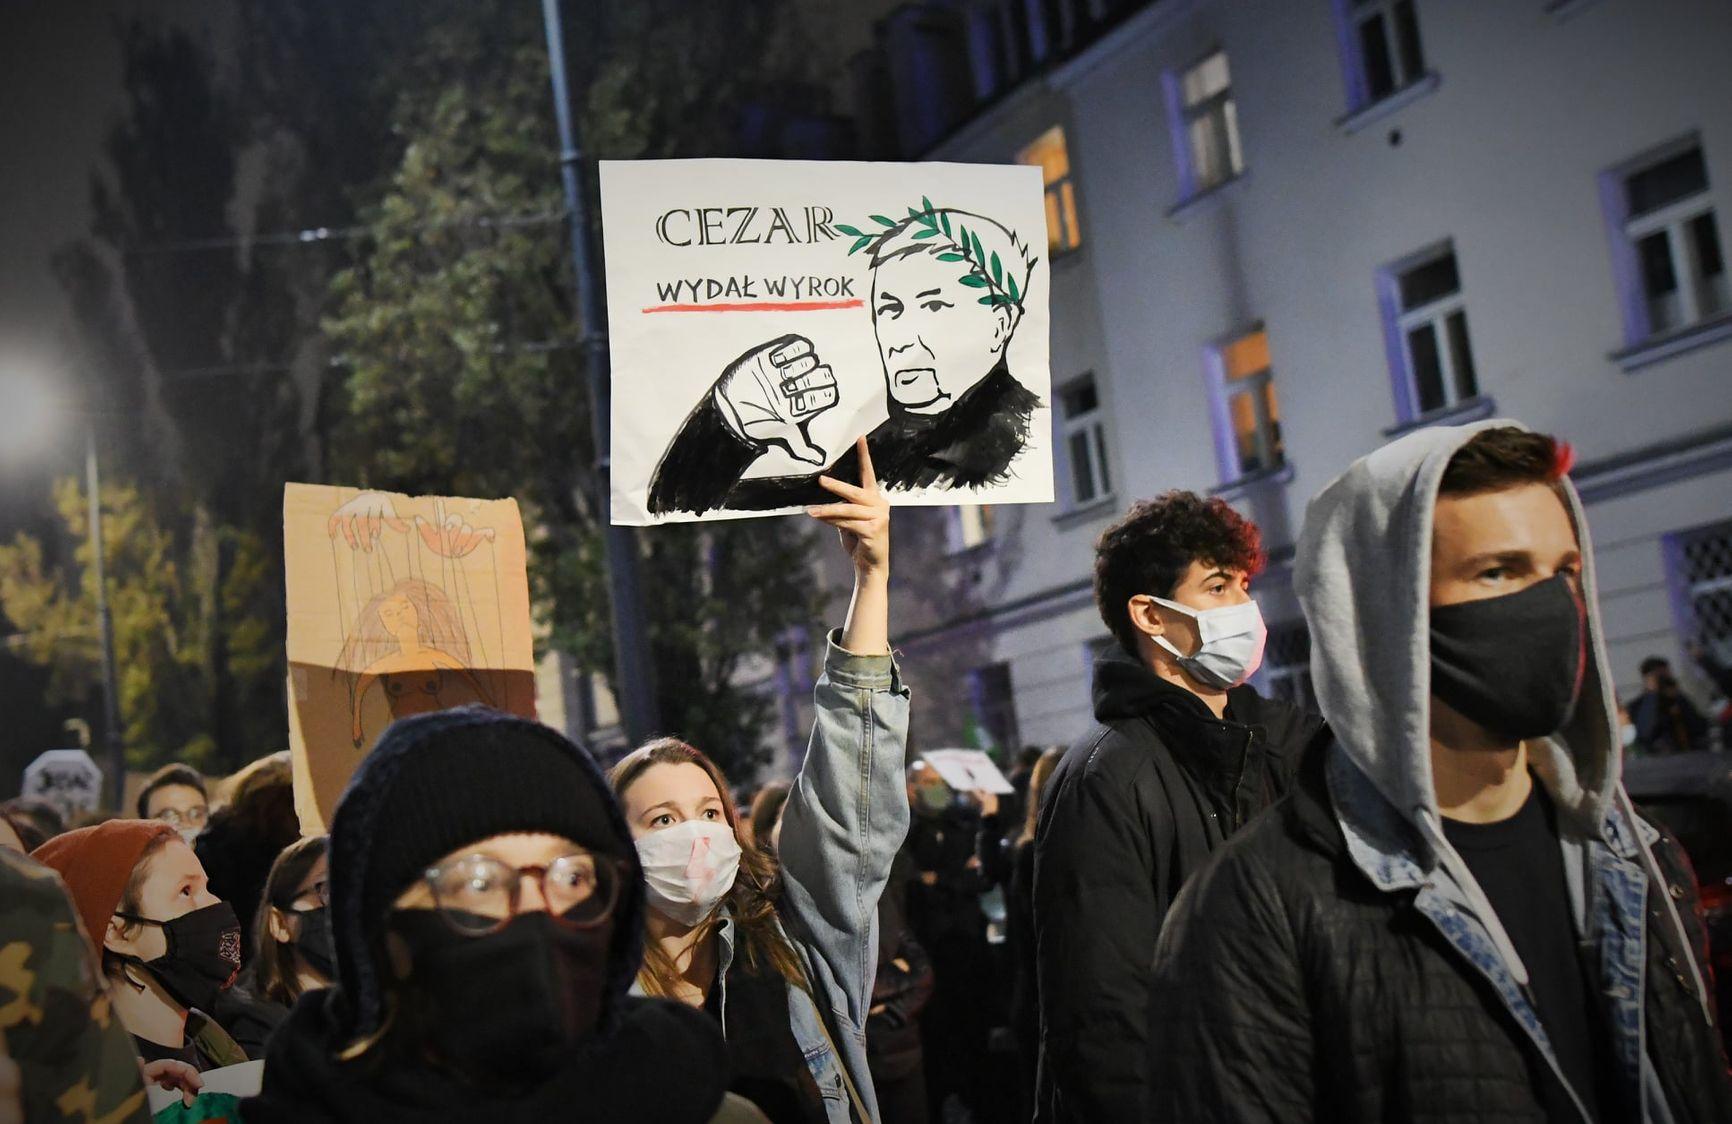 """Надпись на плакате: """"Цезарь огласил приговор"""""""